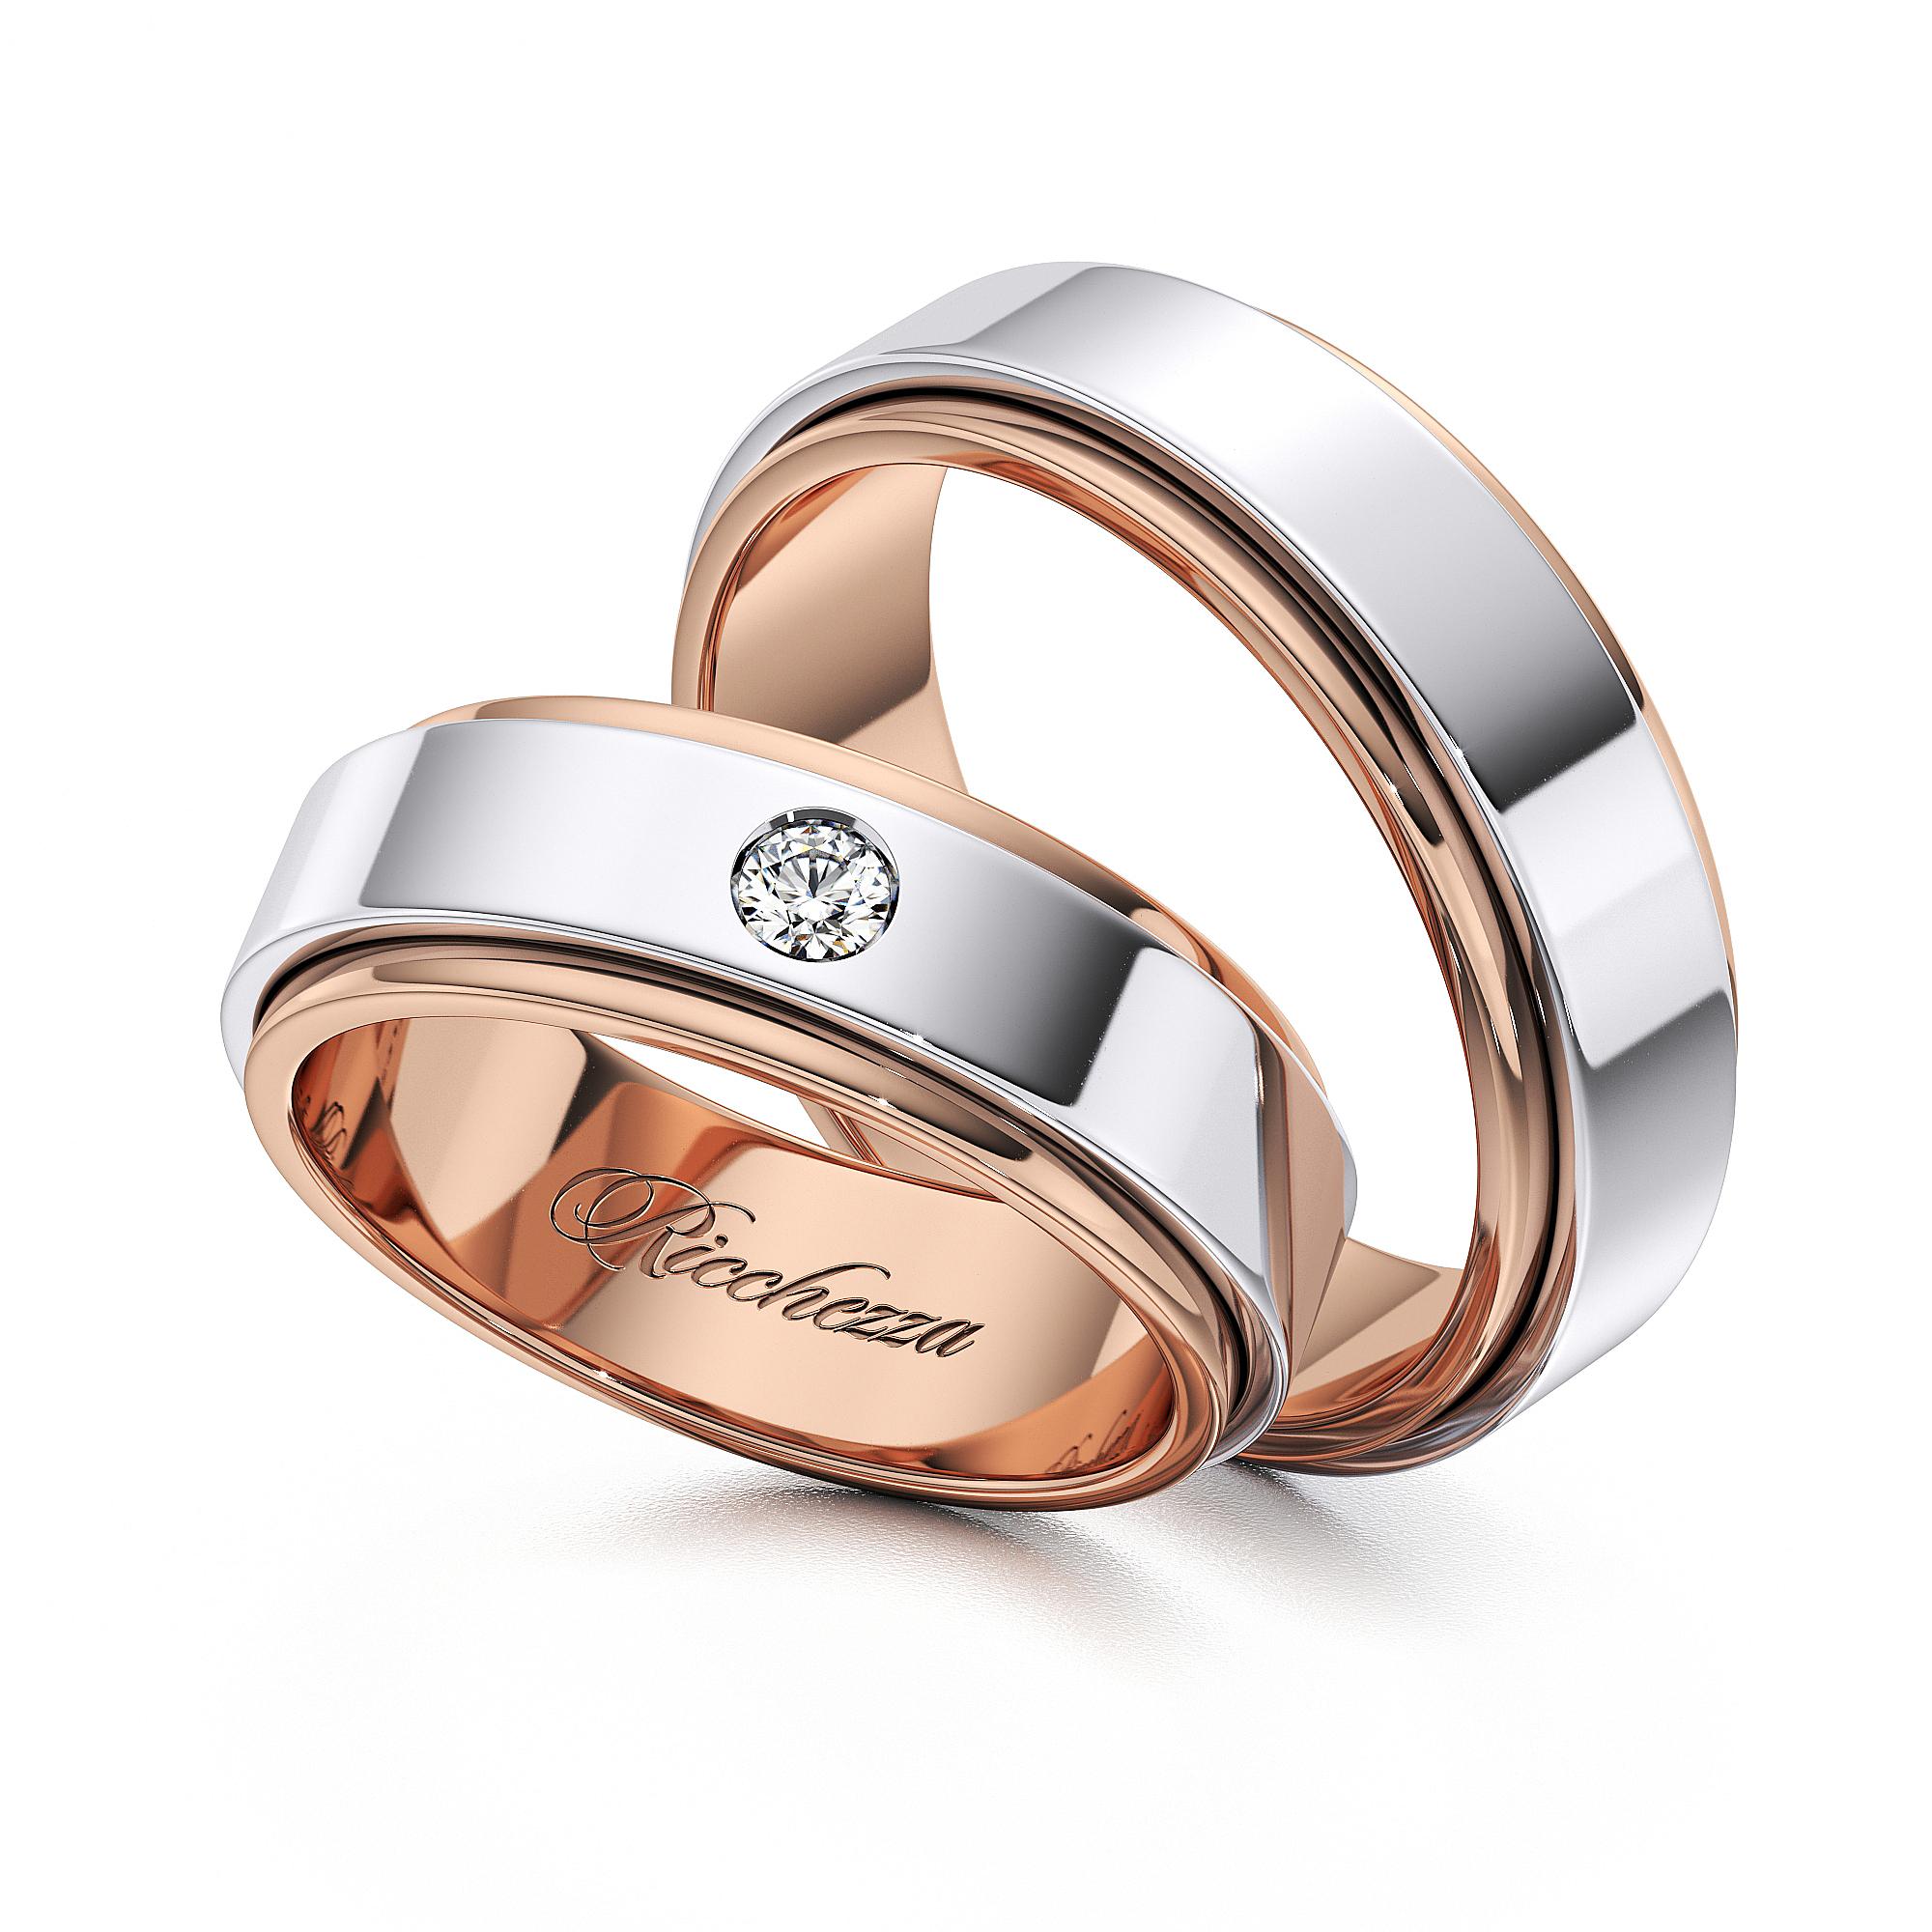 Обручальные кольца ERS49 — Ricchezza — ювелирные изделия 0a8bd992eb1